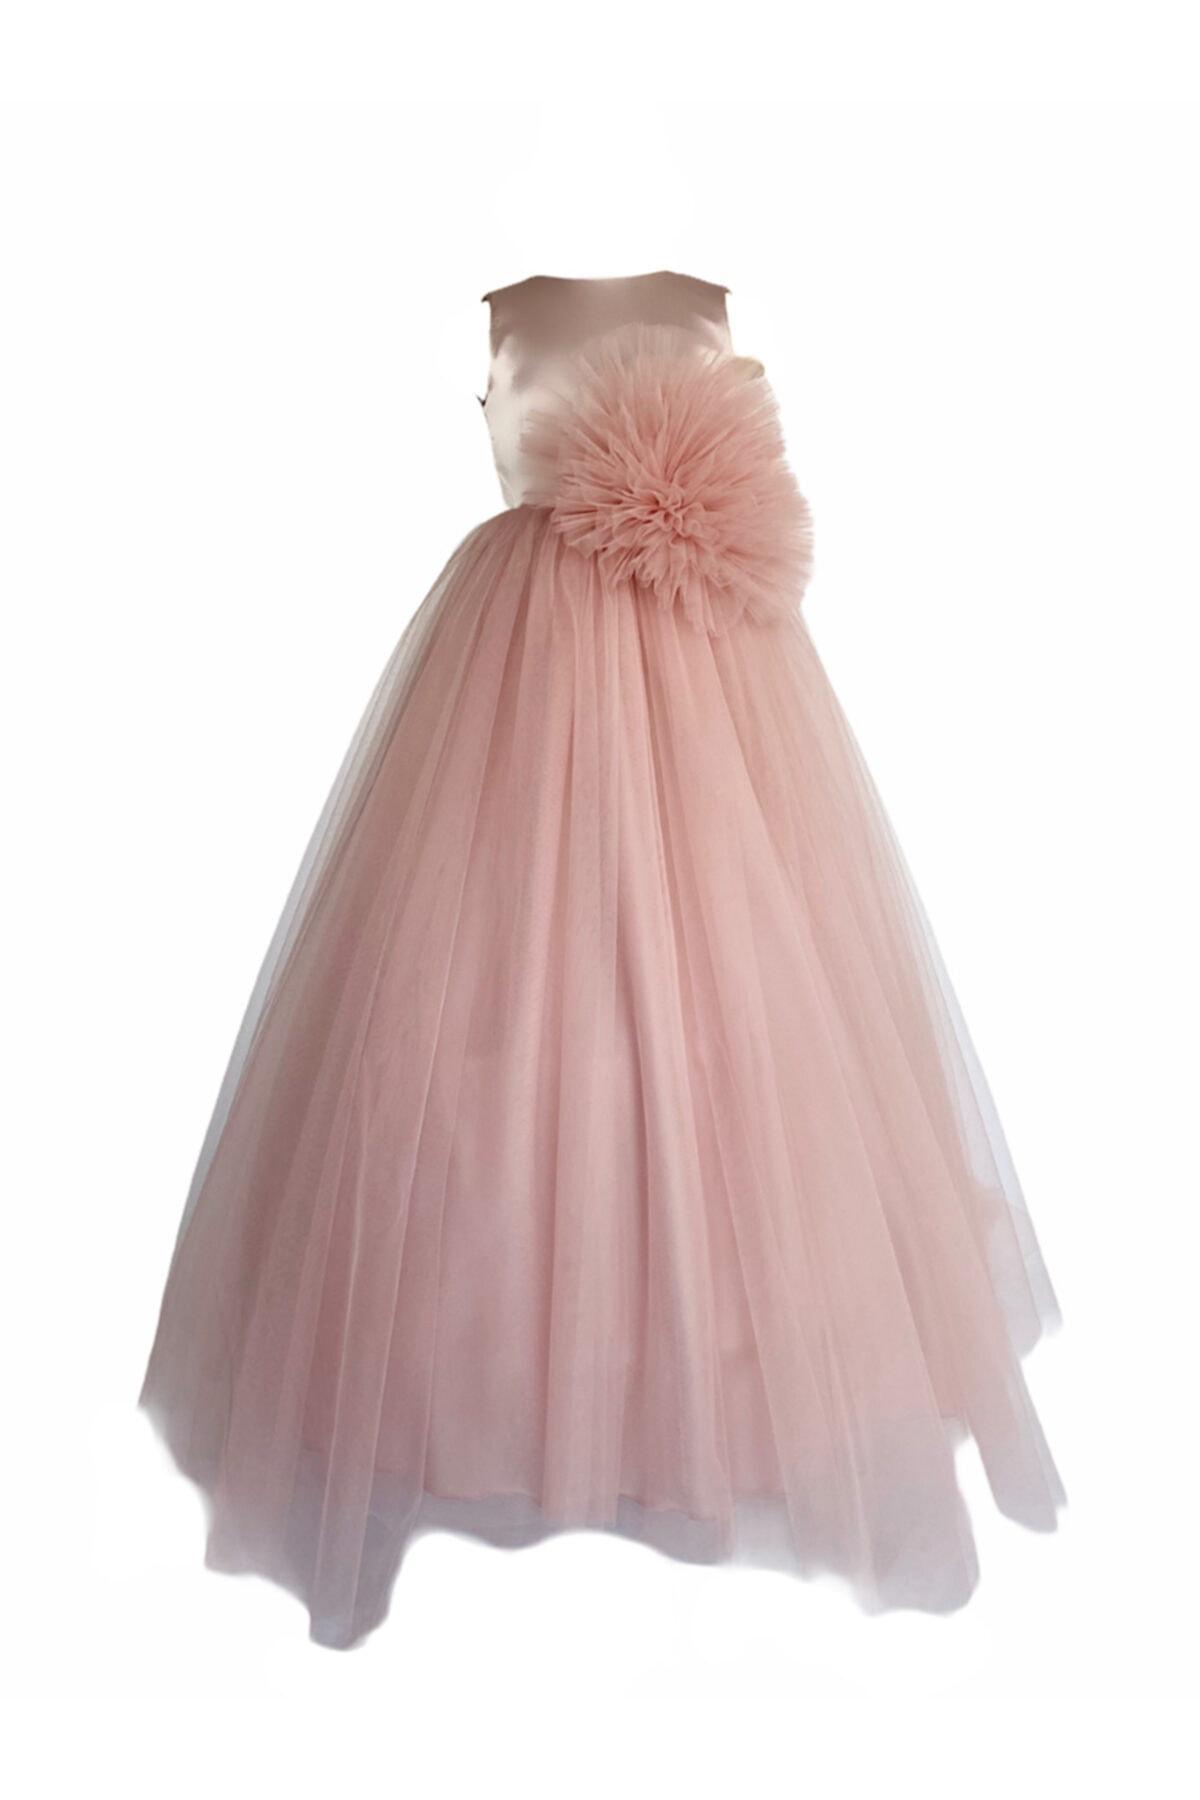 لباس مجلسی دخترانه ترک جدید برند zühre balaban رنگ صورتی ty74877740